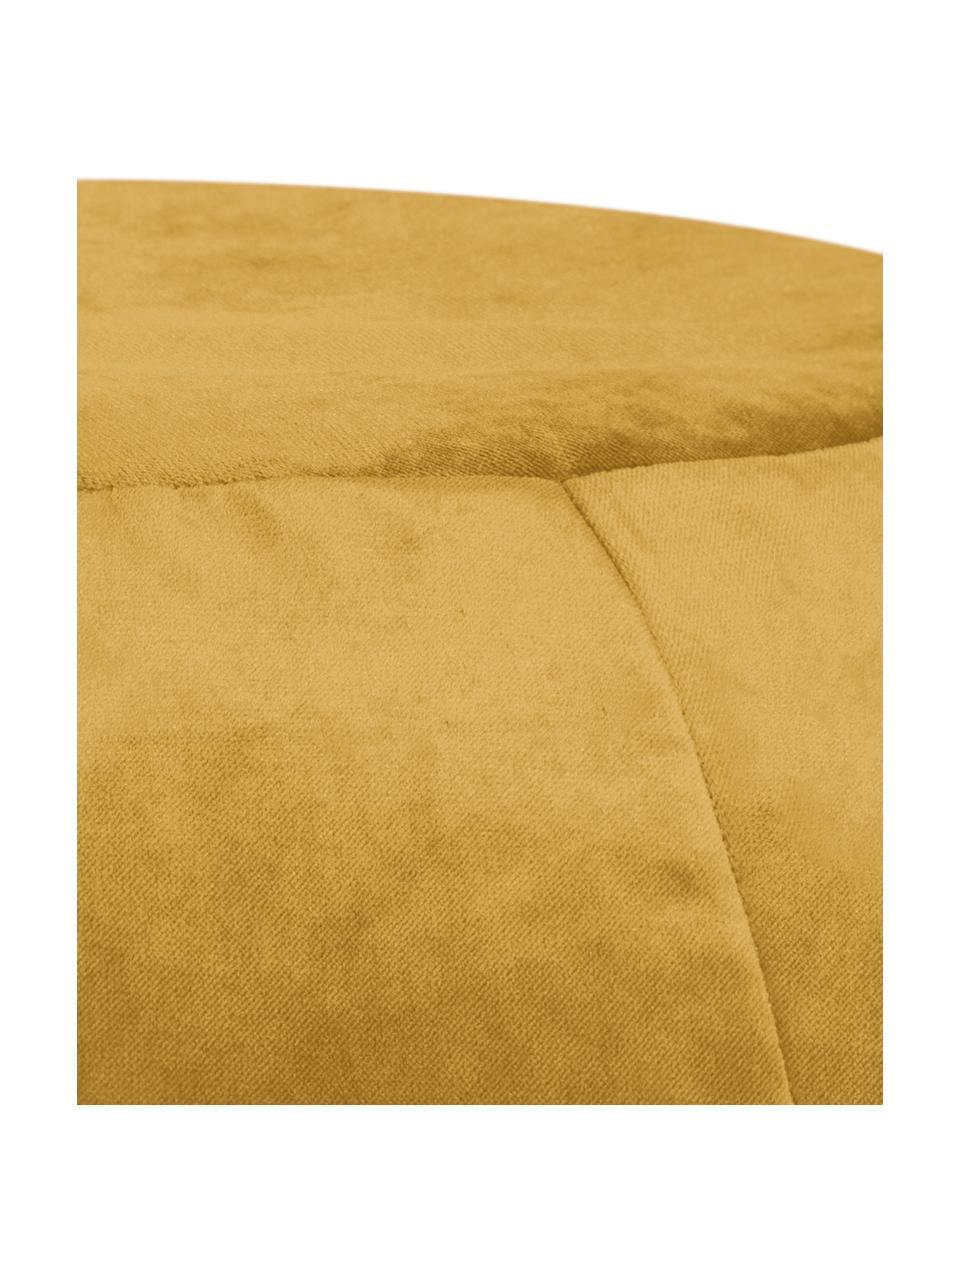 Puf z aksamitu Plump Veluto, Tapicerka: aksamit poliestrowy, Musztardowy, Ø 75 x W 50 cm